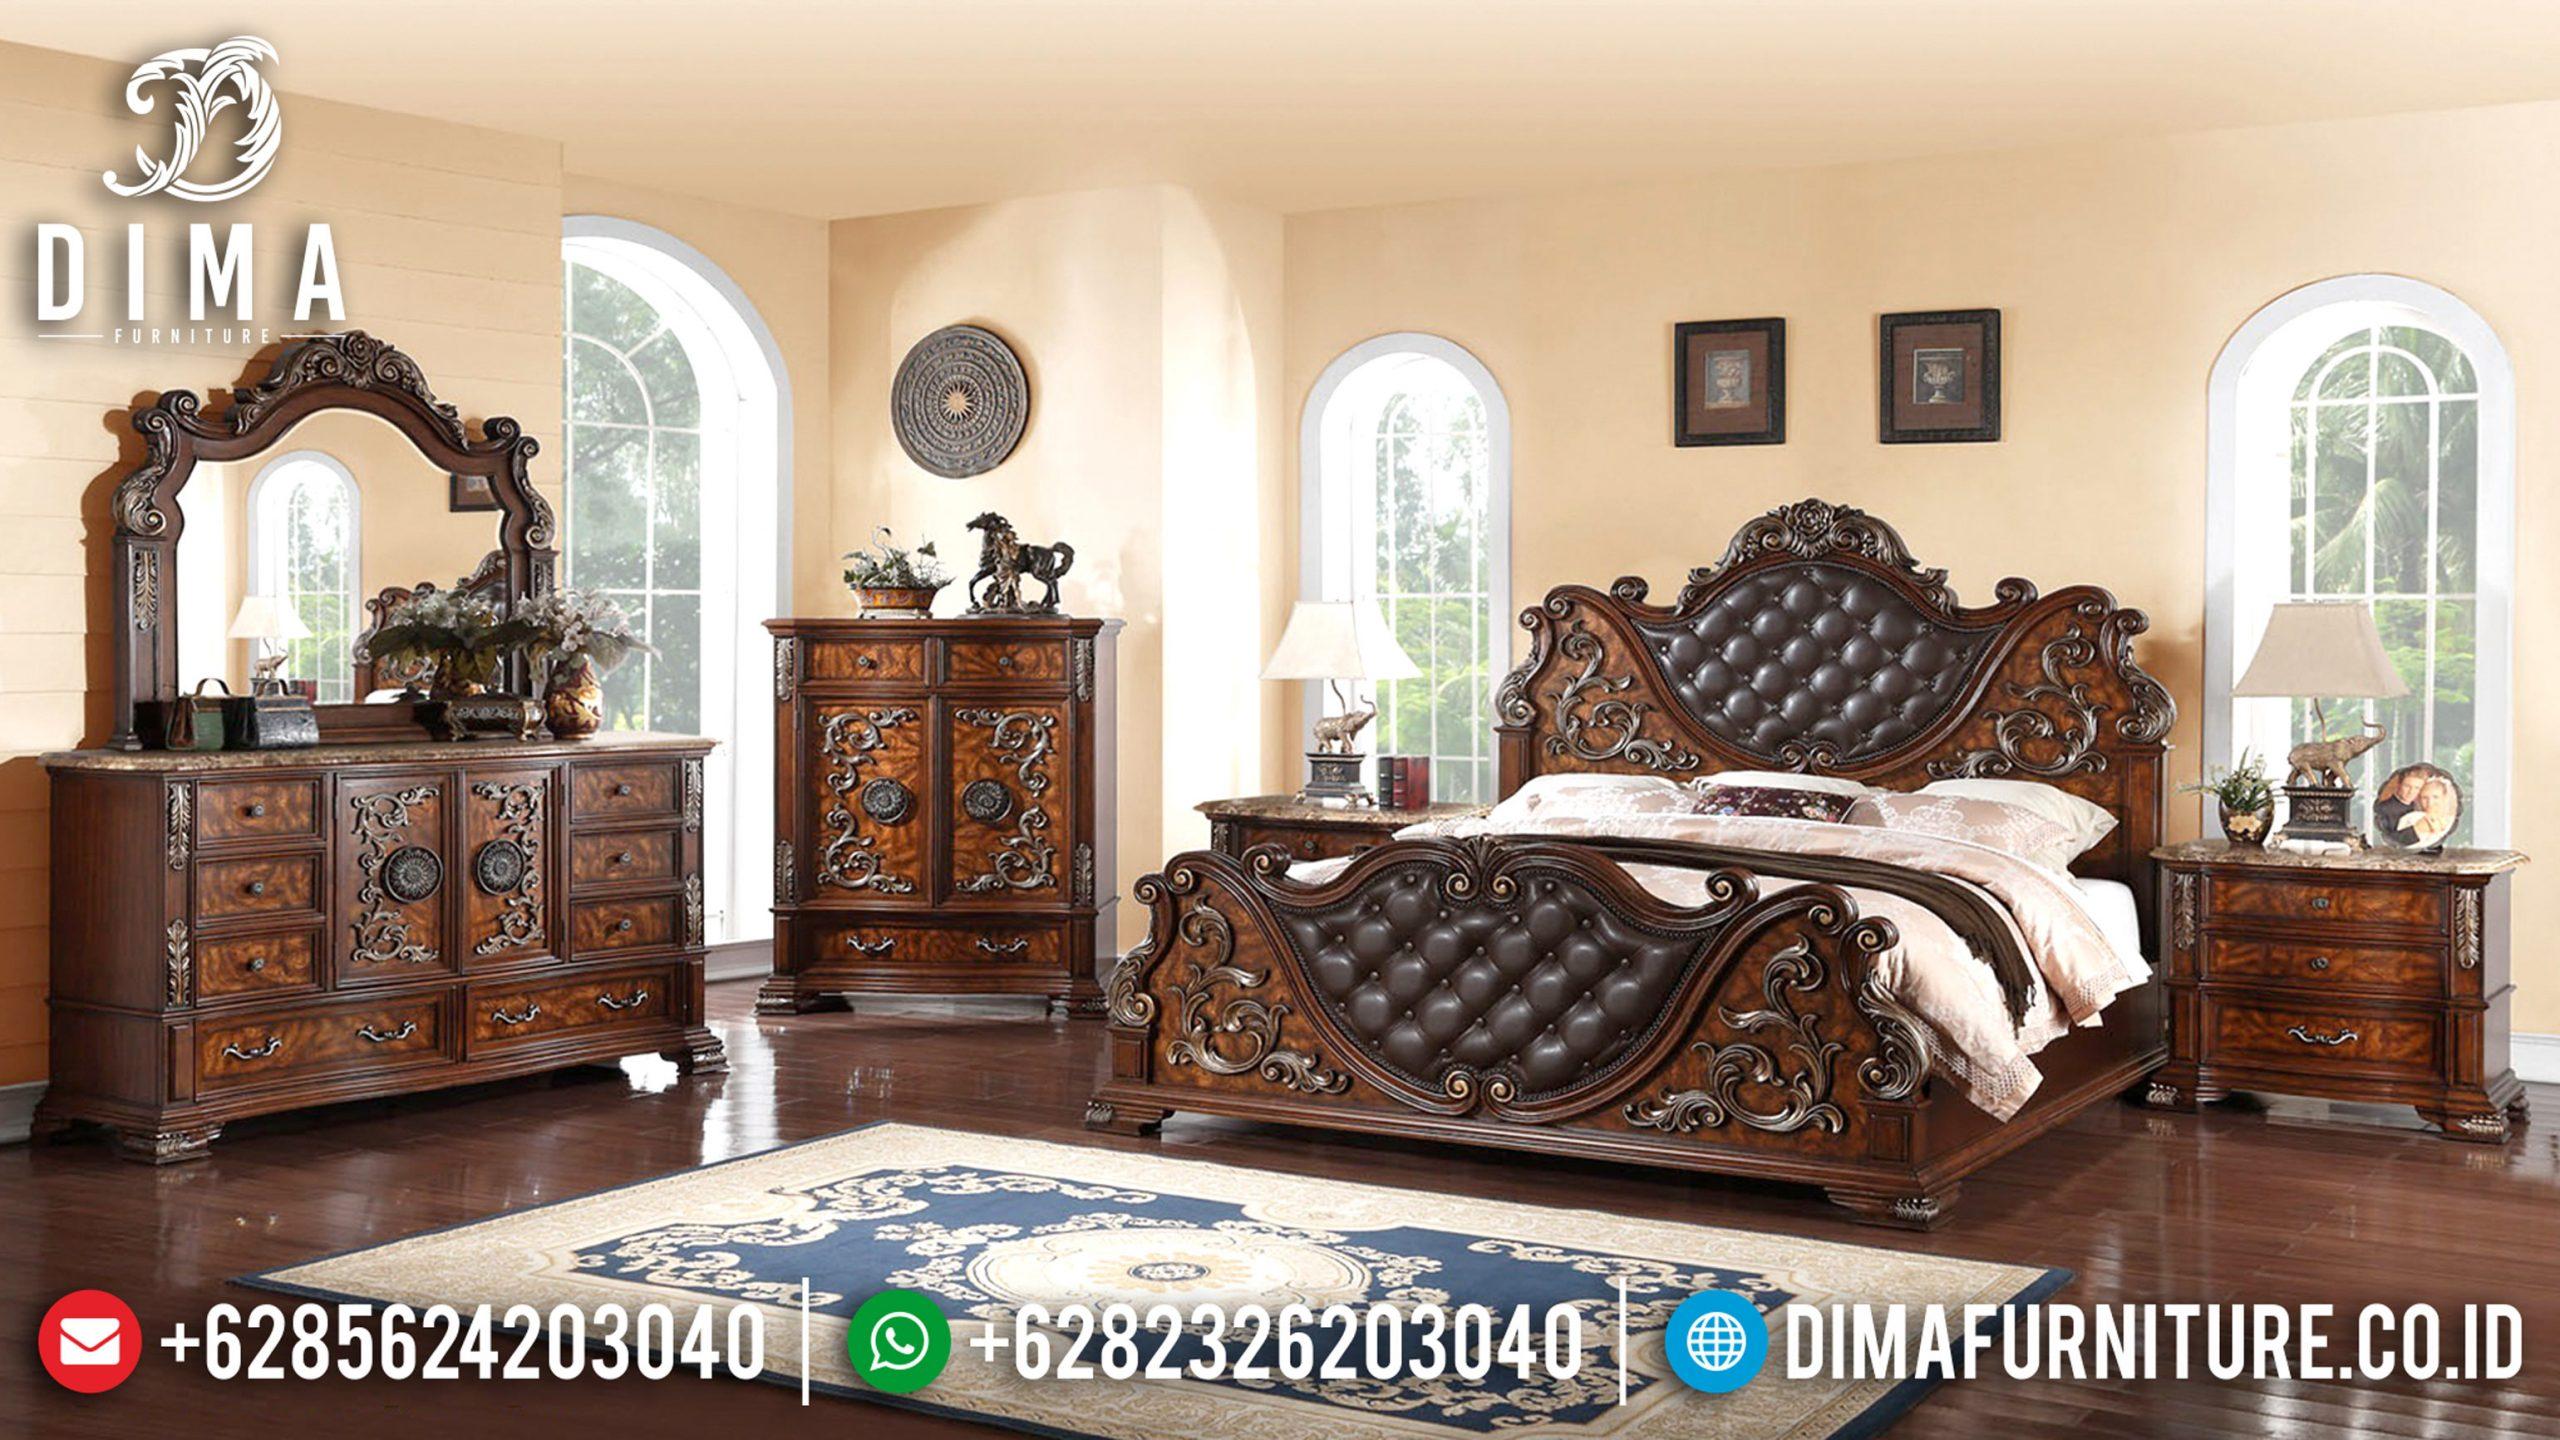 Tempat Tidur Jepara Mewah, Set Kamar Tidur Mewah, Dipan Jati Murah Mm-0325